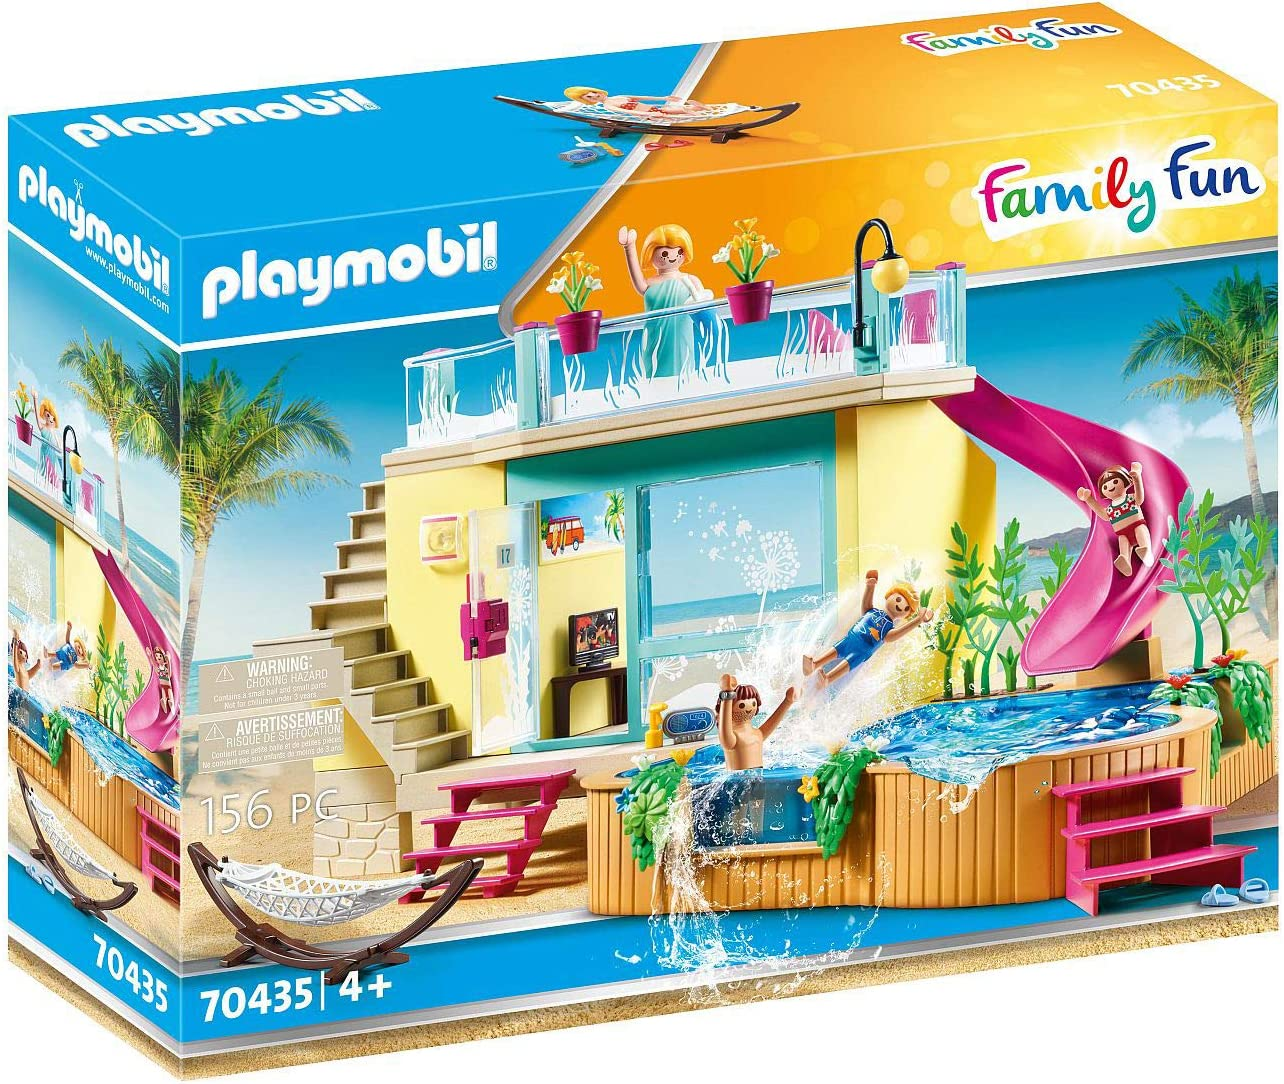 Playmobil Family Fun 70435 - Bungalow con Piscina, a Partir de 4 años: Amazon.es: Juguetes y juegos